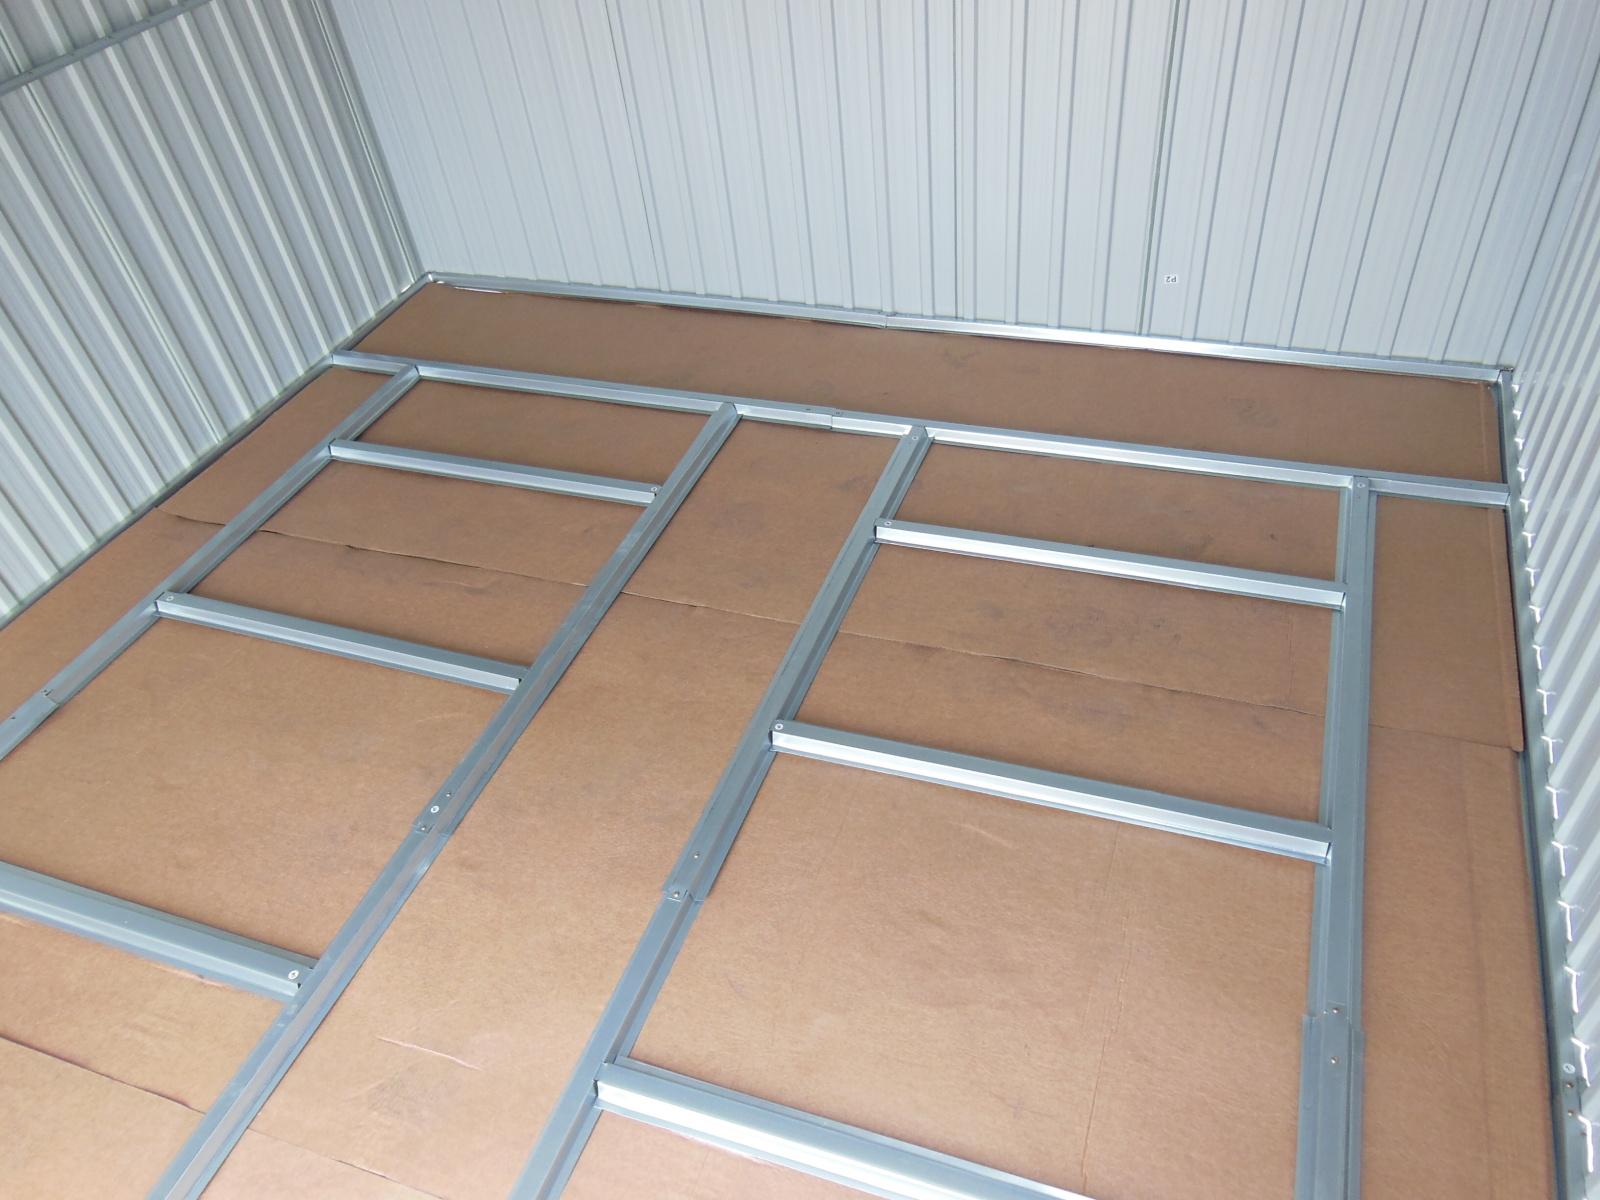 podlahová základna LANITPLAST LANITSTORAGE 8x6